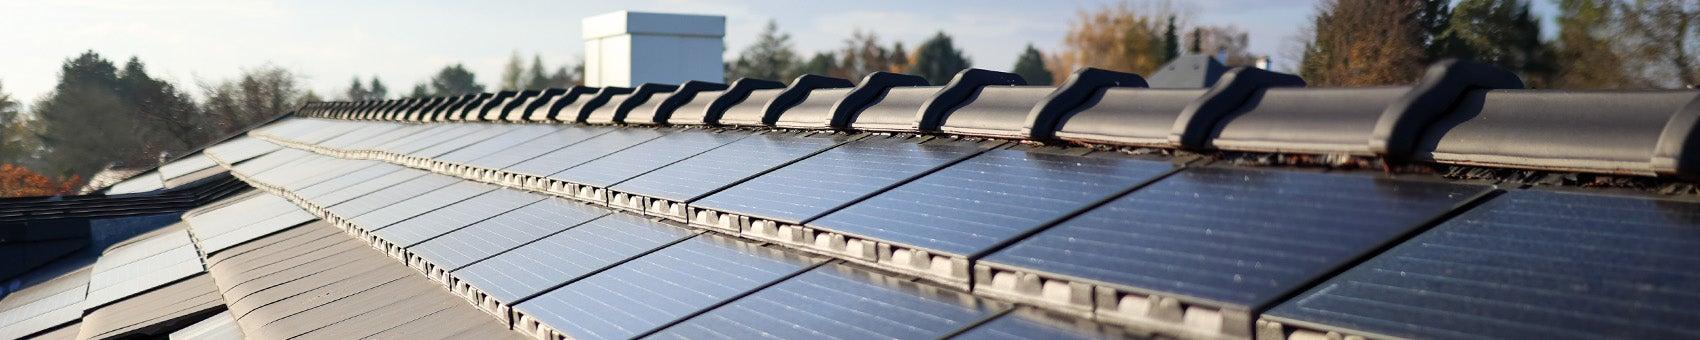 Tuiles Terre cuite Solaire pour la rénovation énergétique - EDILIANS